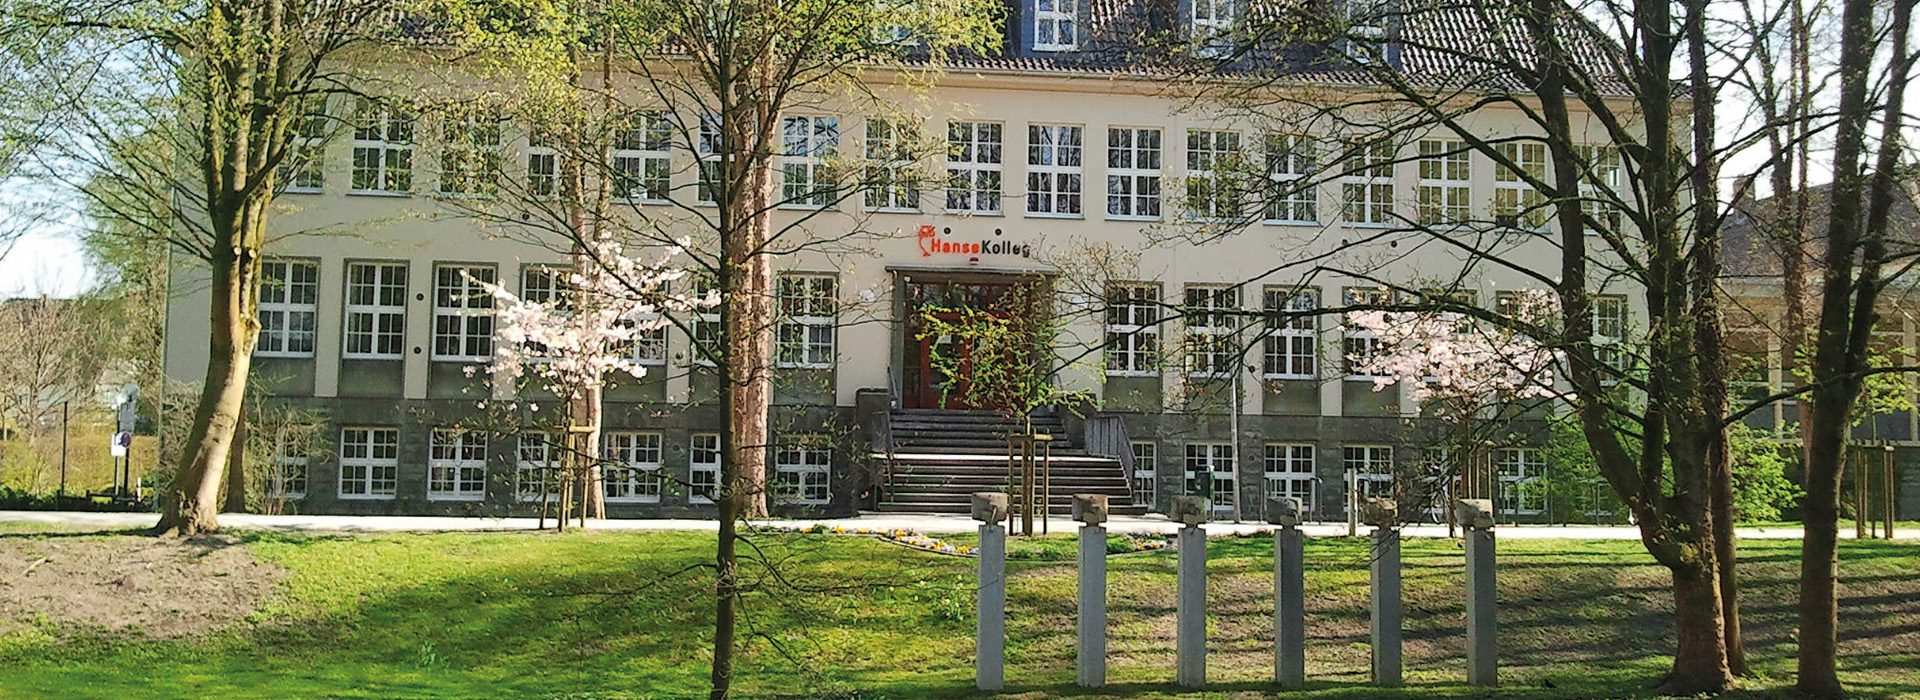 hanse-kolleg-lippstadt-titel